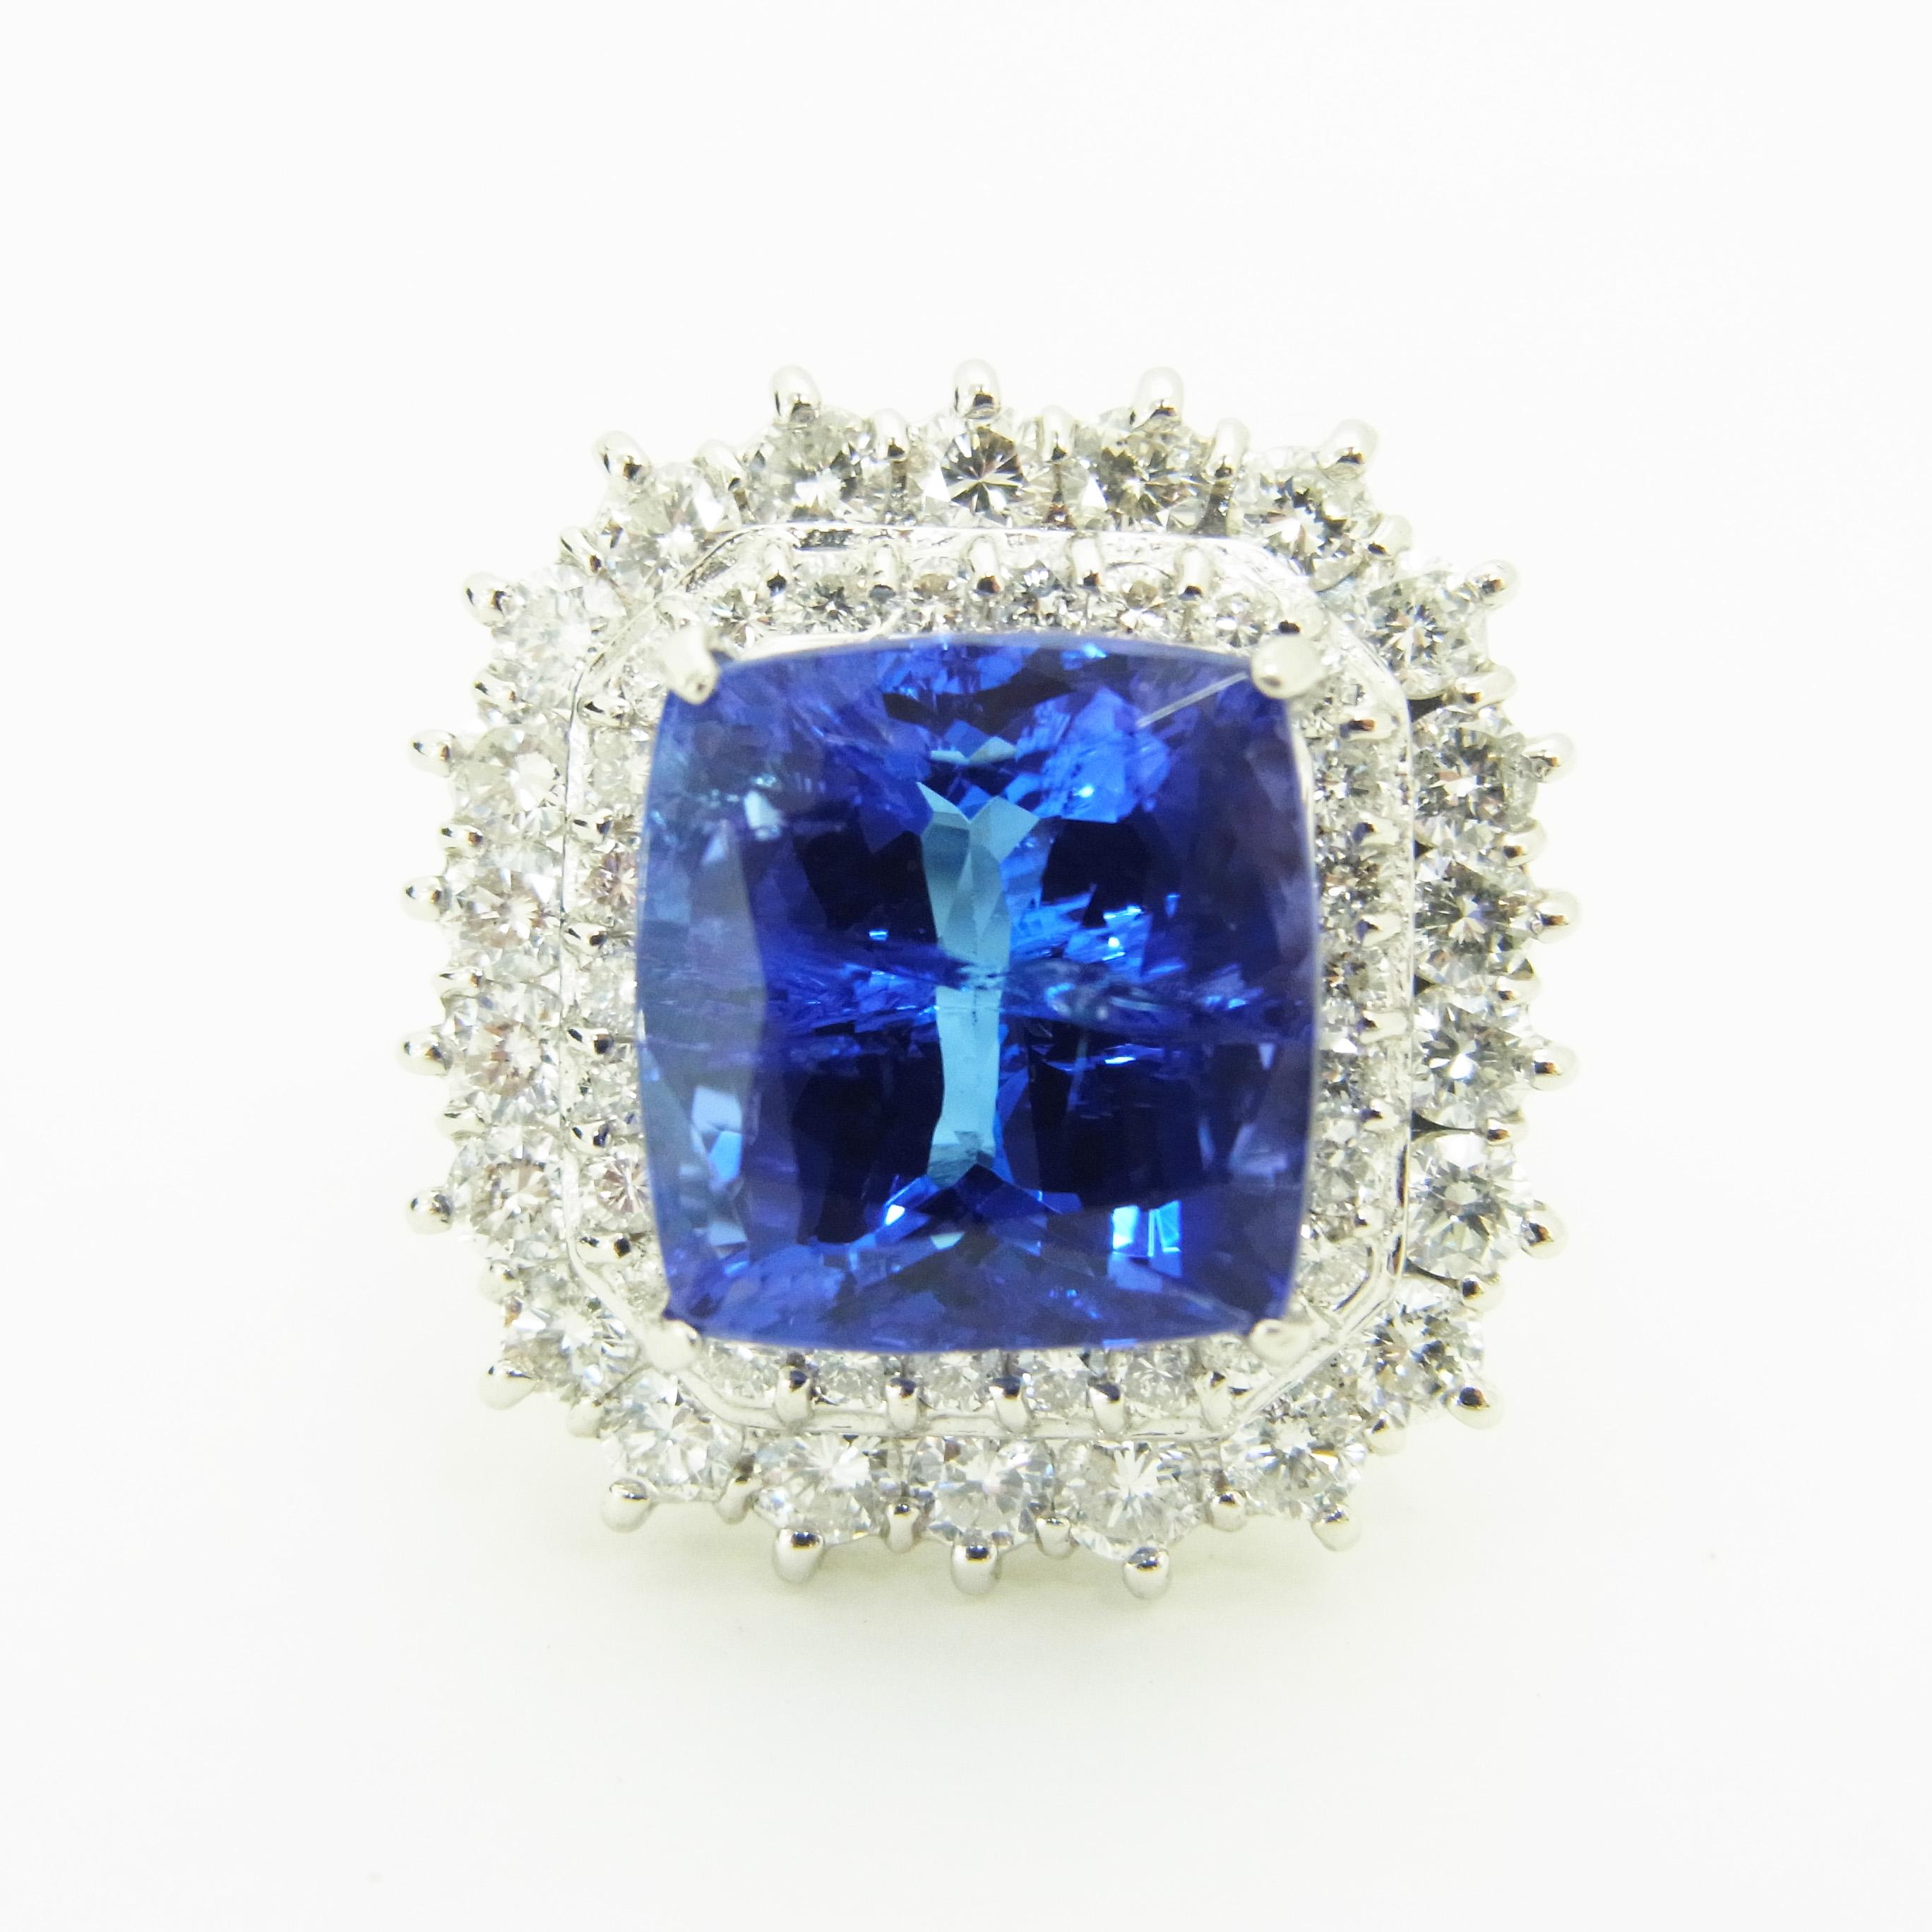 タンザナイトリング 【石目】タンザナイト8.87ct ダイヤ…の画像